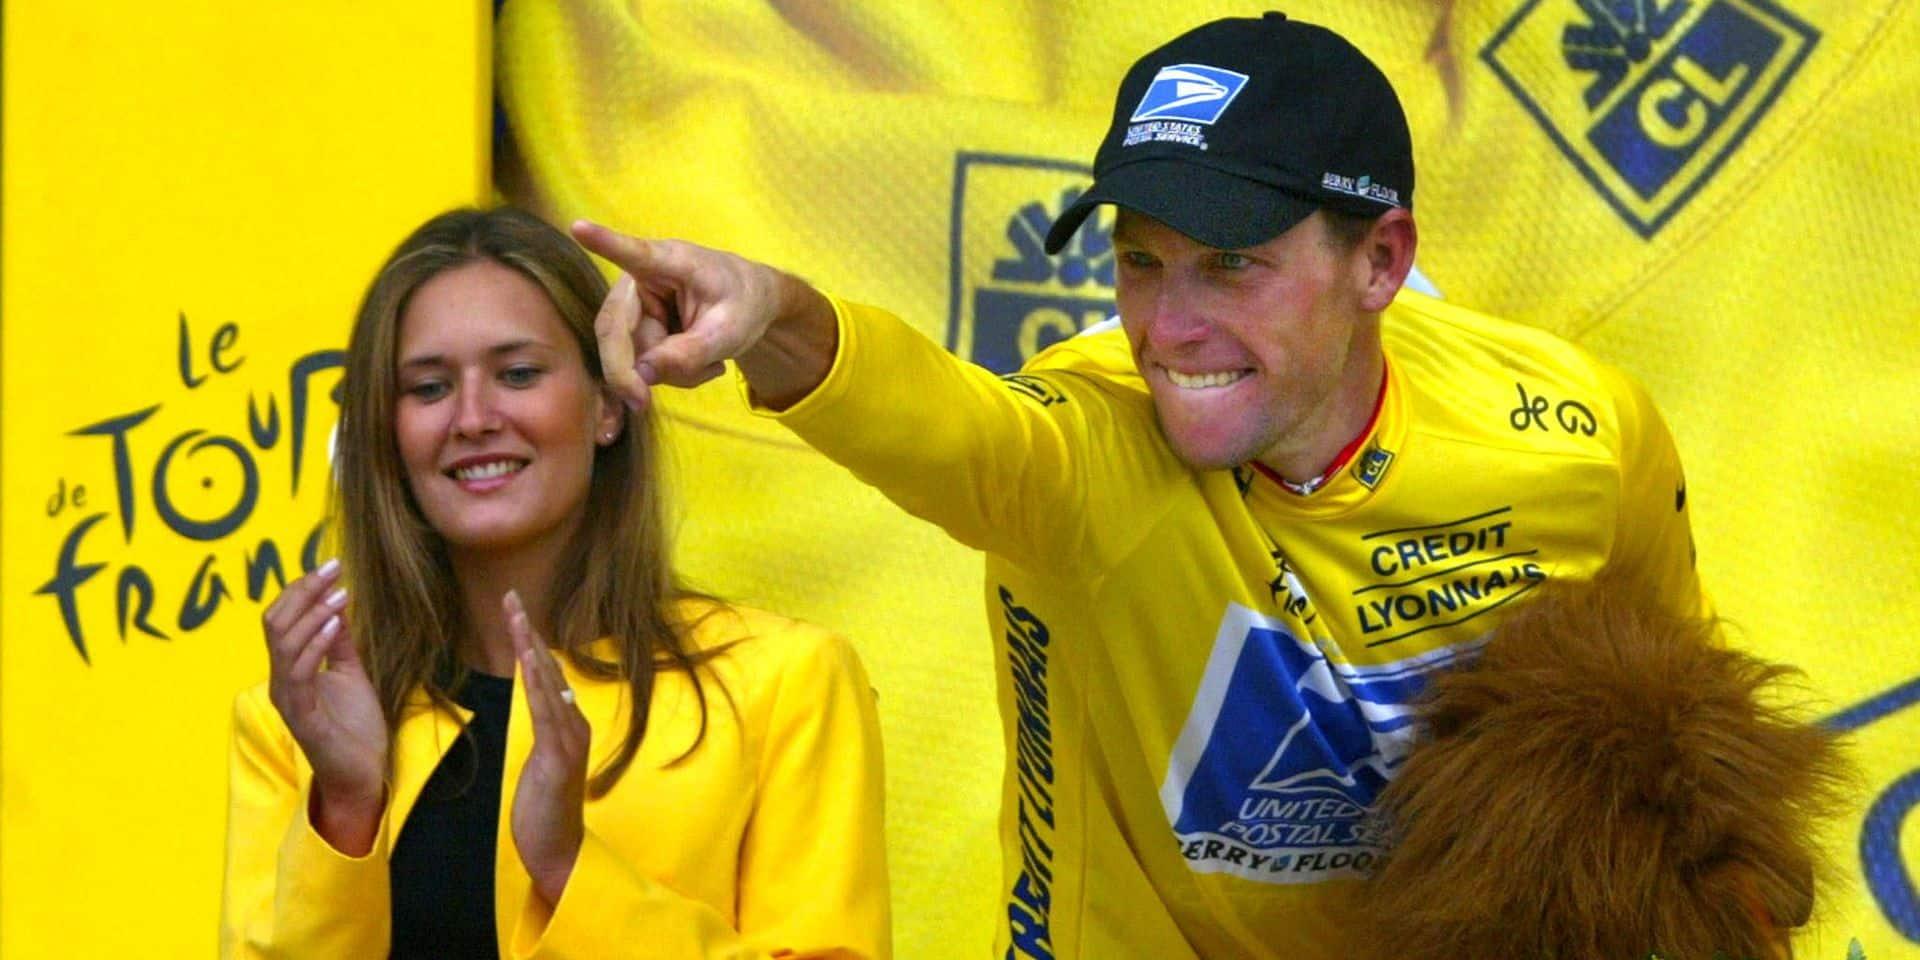 """Un ancien responsable de la lutte contre le dopage se lâche sur Armstrong: """"La conviction qu'il avait un moteur dans le vélo"""""""